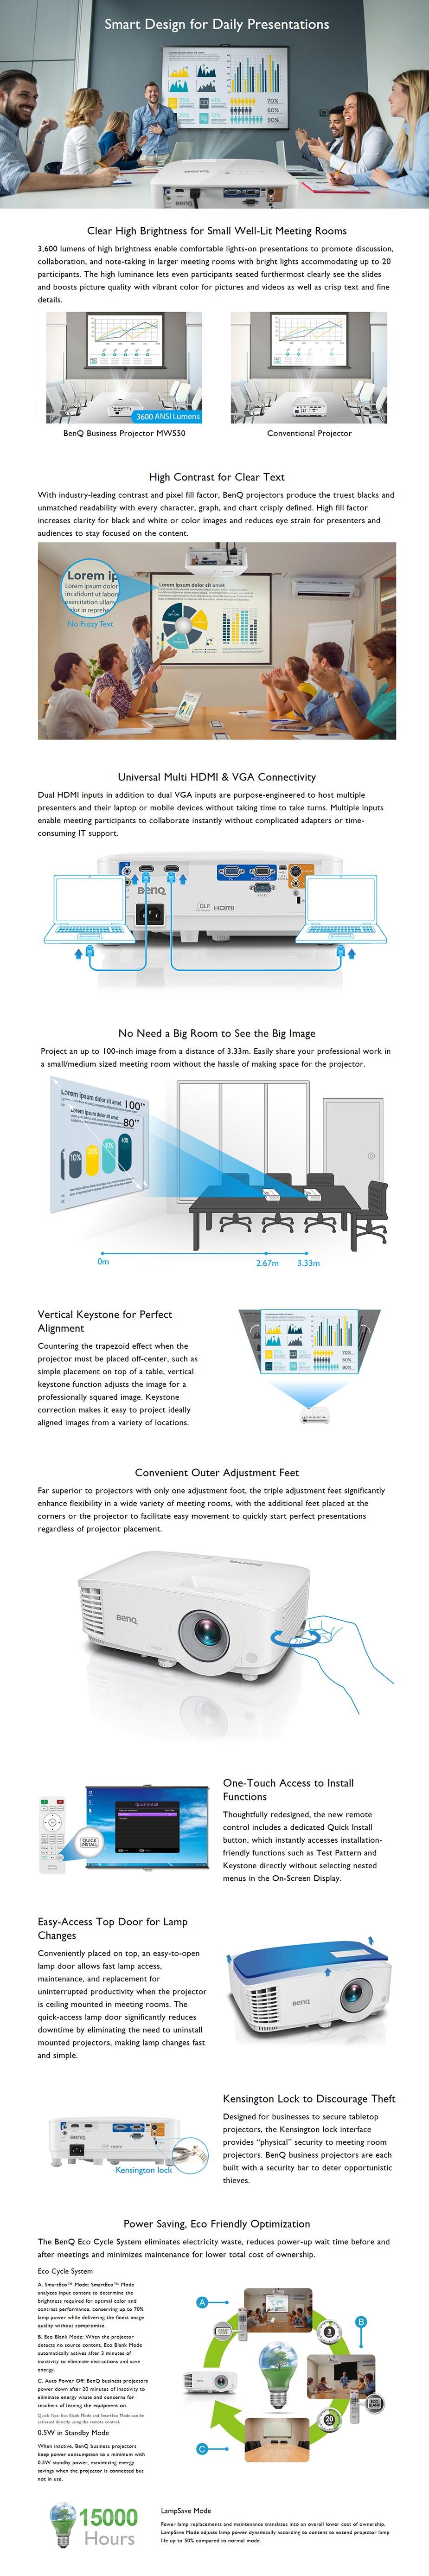 BenQ MW550 WXGA Business DLP Projector - Desktop Overview 1